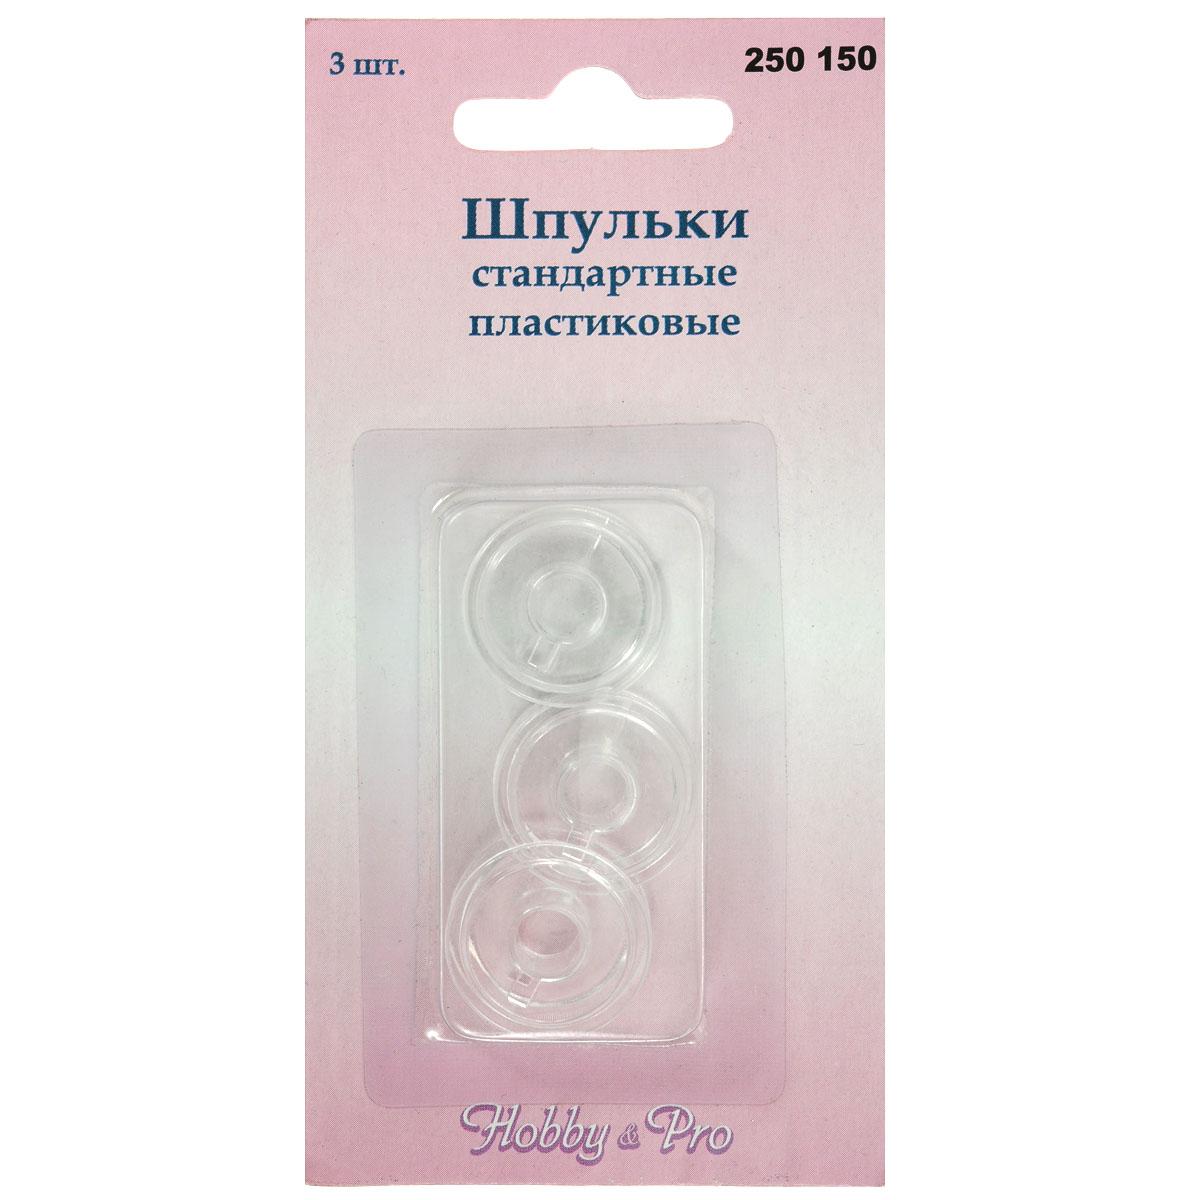 Шпулька стандартная Hobby & Pro, пластиковая, 3 шт7700581Шпулька стандартная Hobby & Pro изготовлена из прозрачного пластика. Шпулька подходит для большинства швейных машин, имеющих вертикальную загрузку шпулек. Изделие очень легкое и удобное в работе.